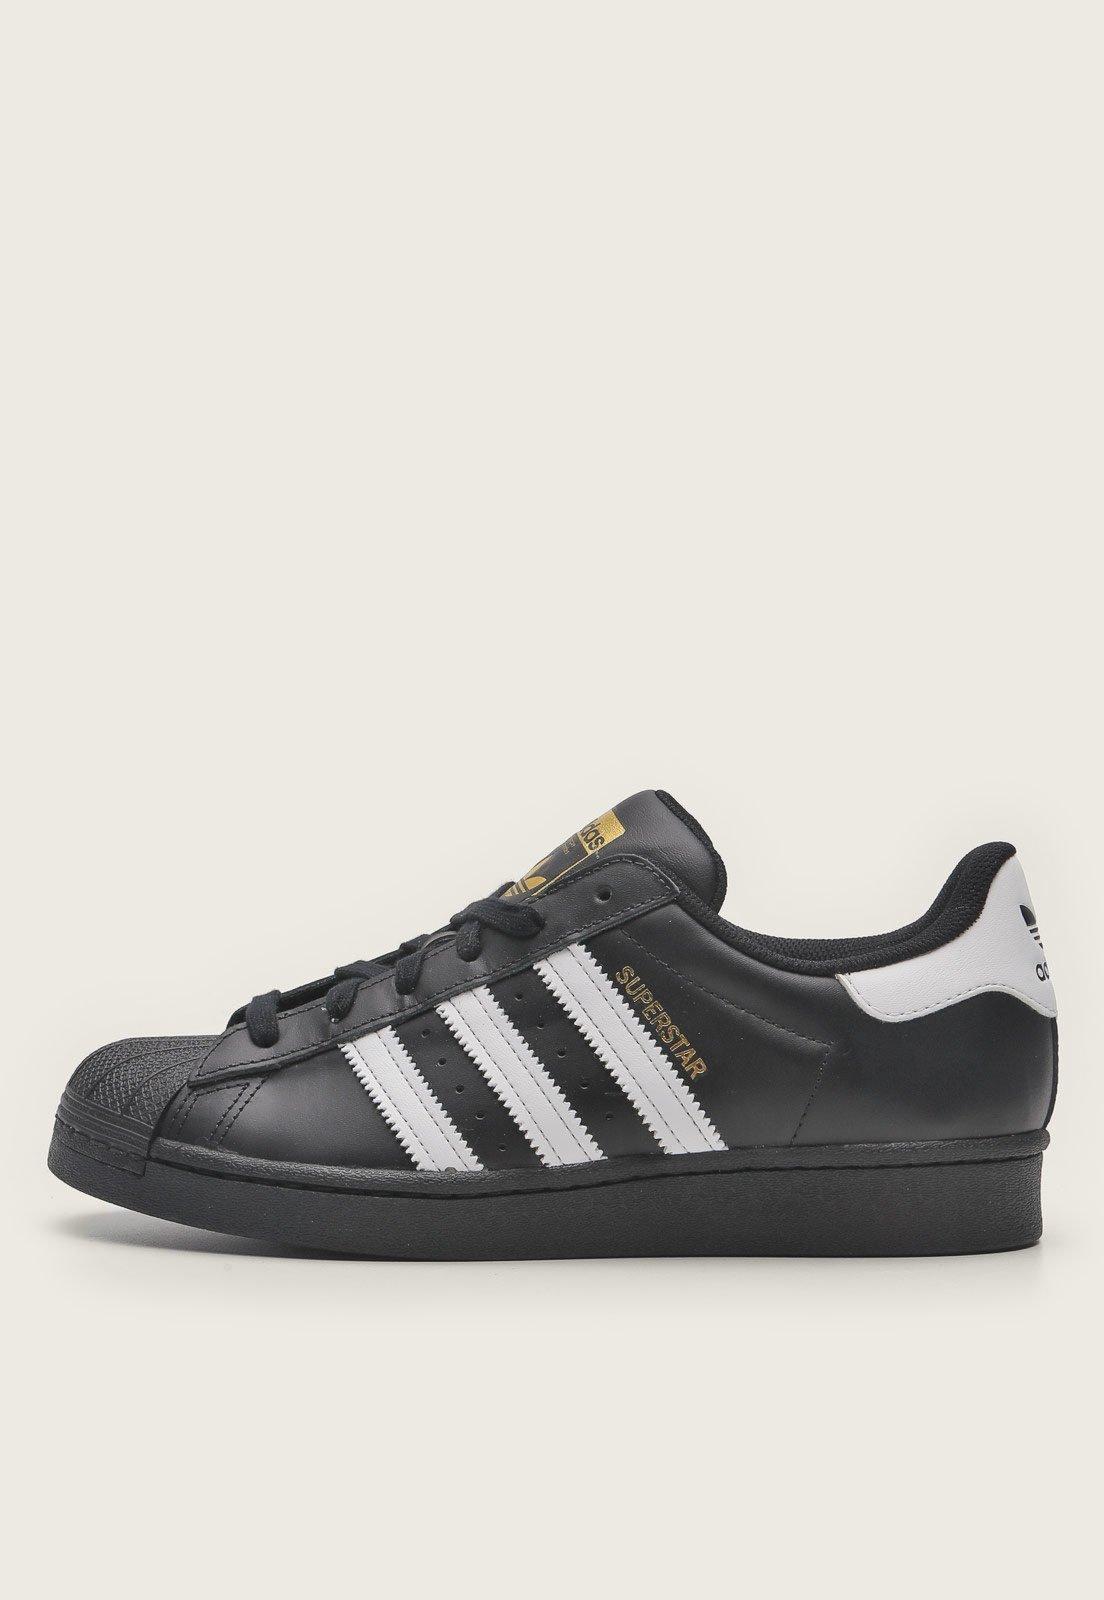 adidas superstar preto e branco